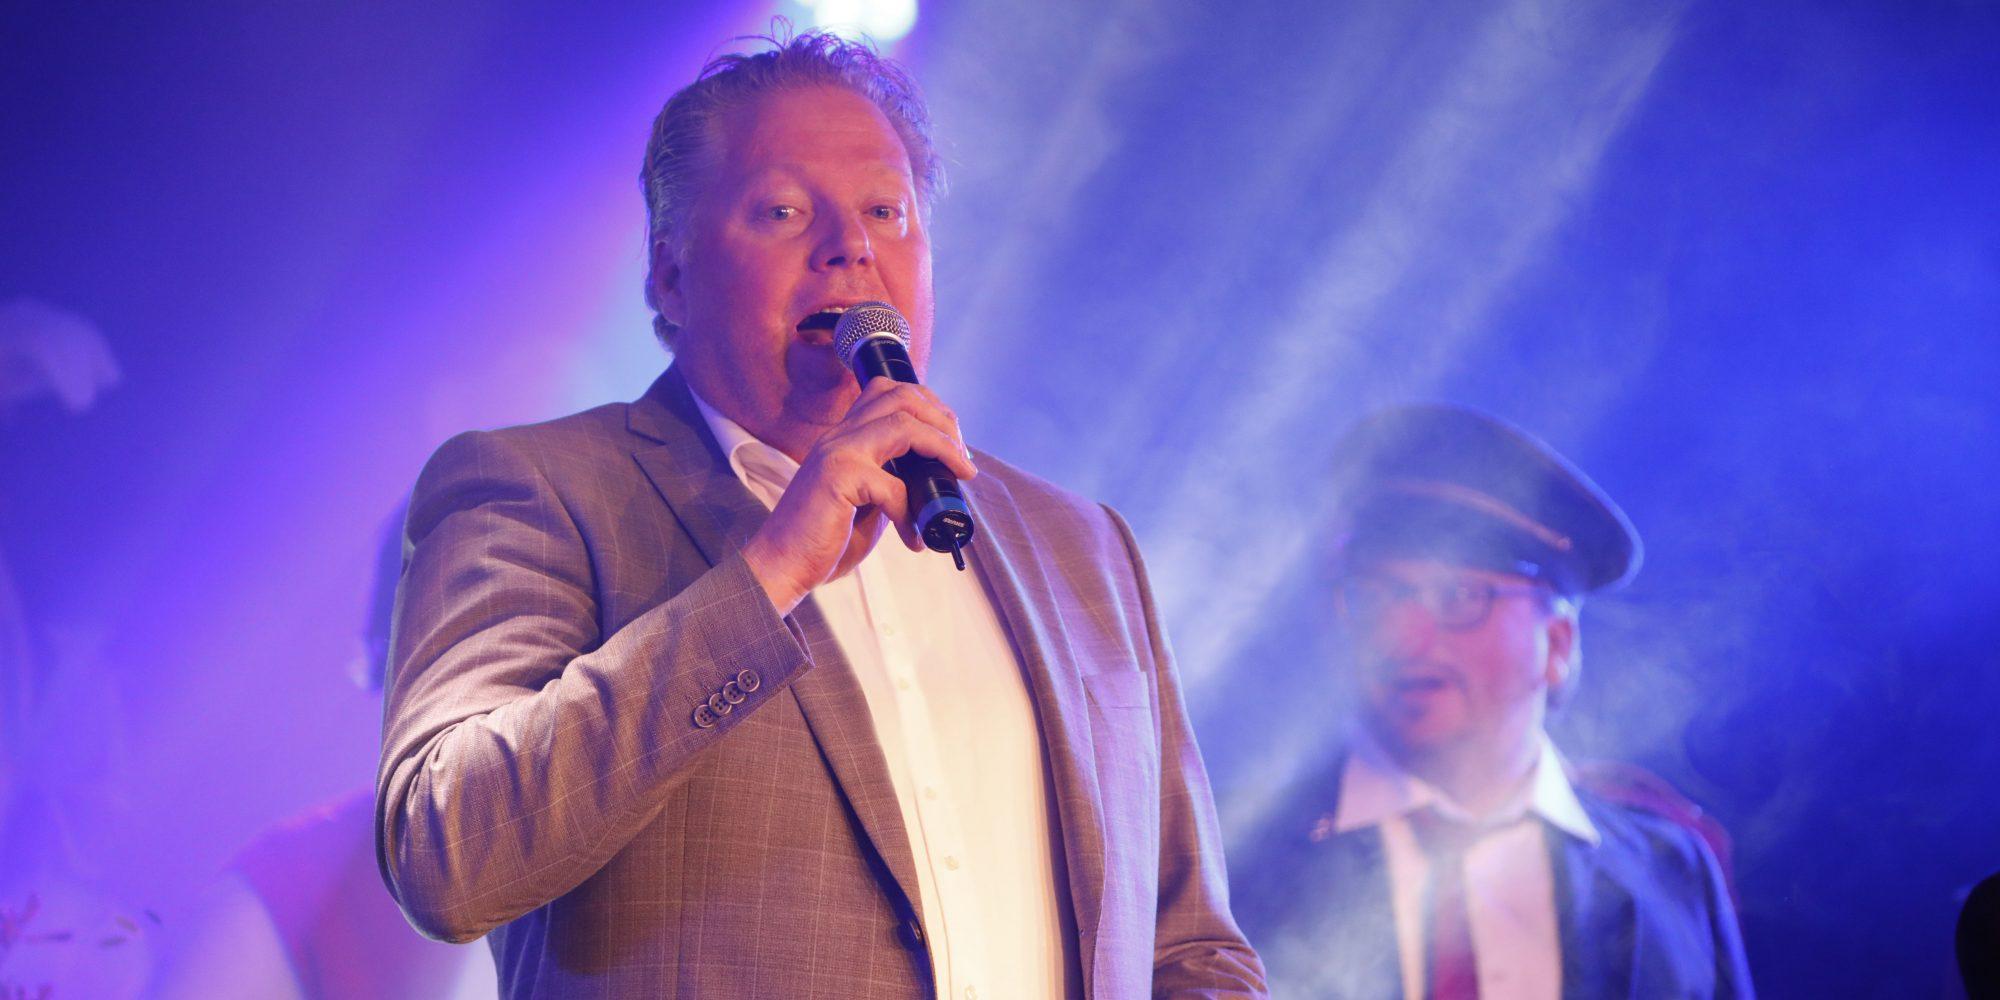 Martin Ankone